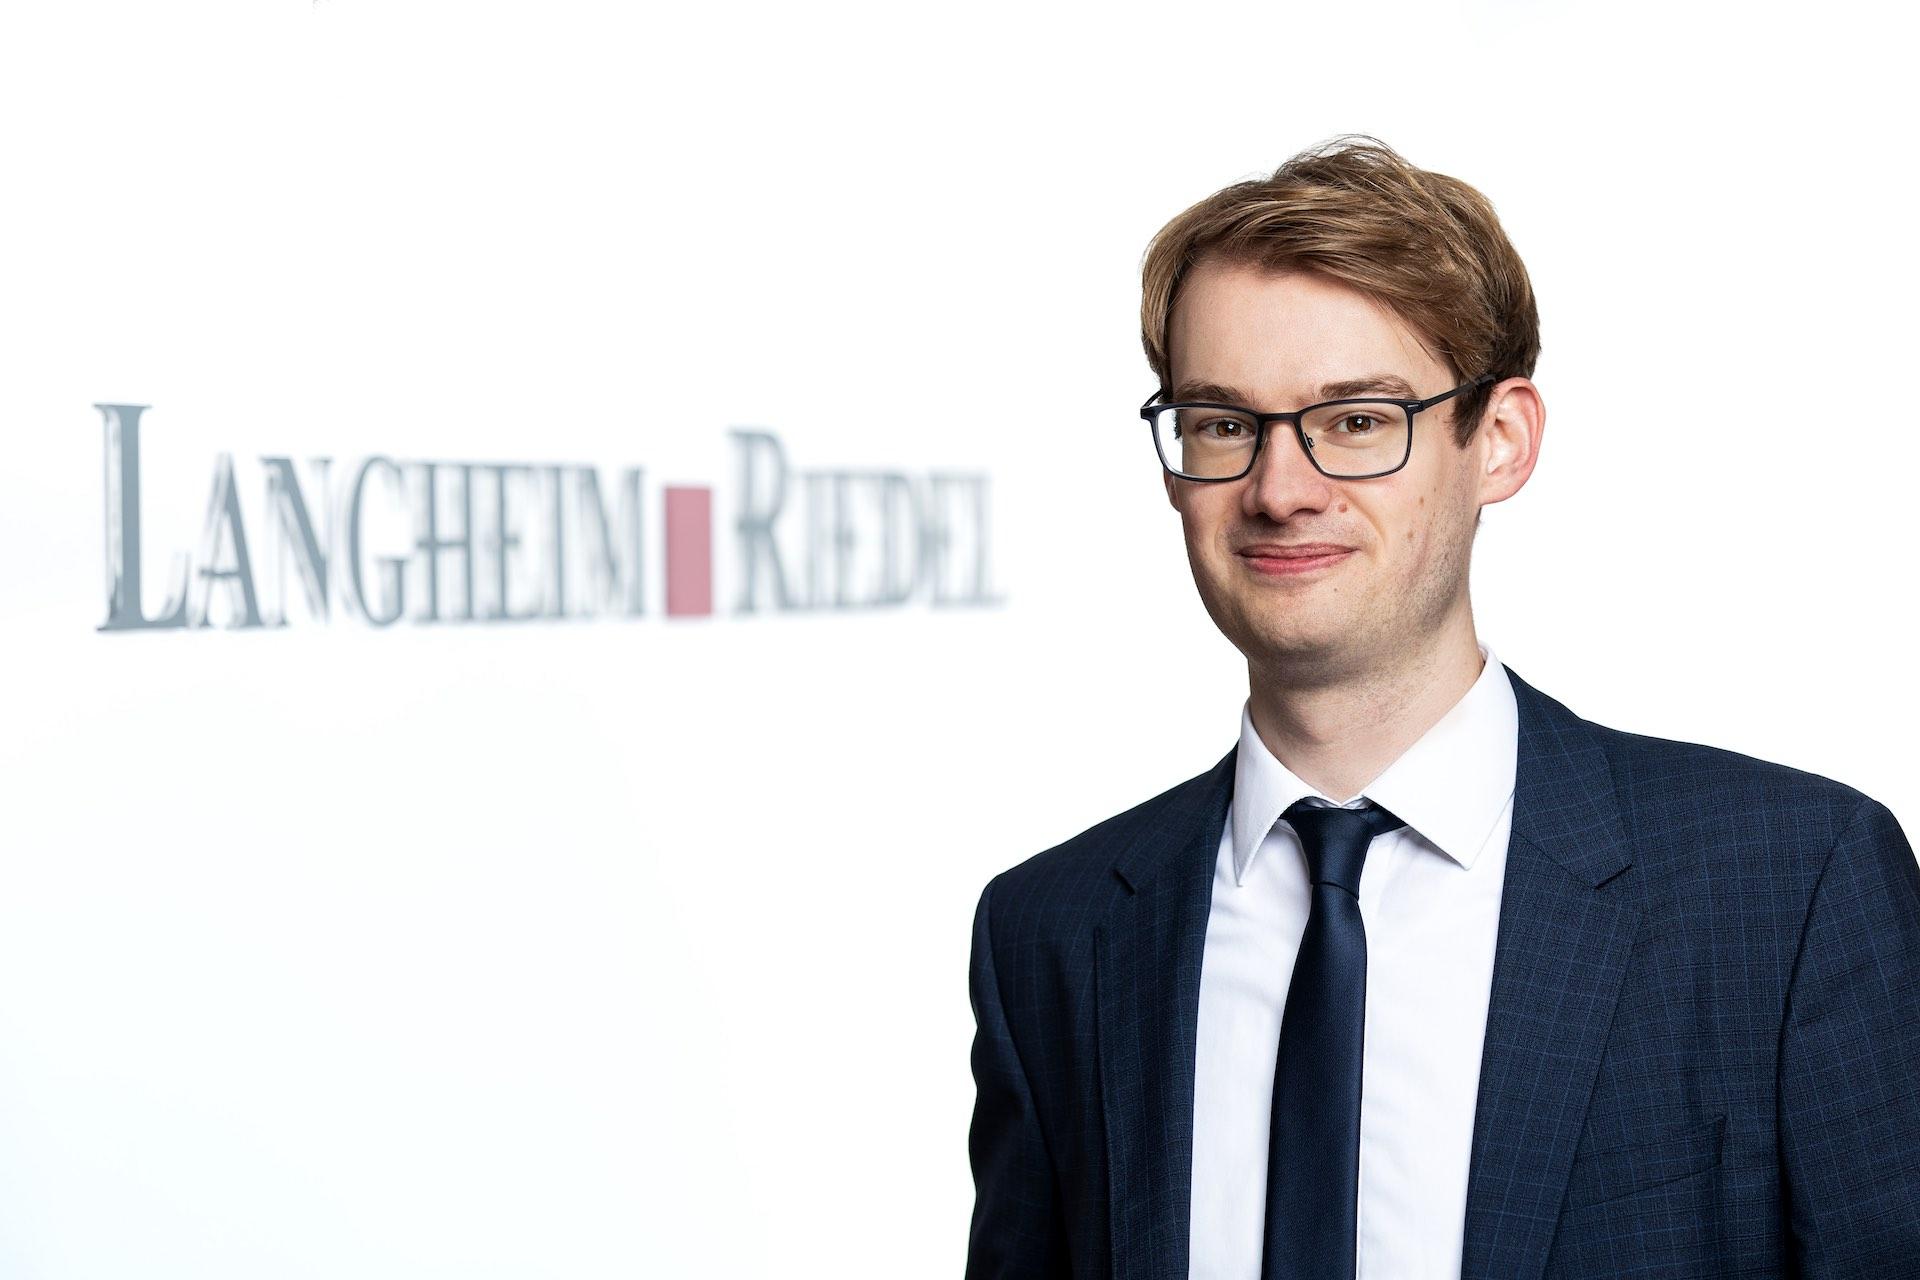 Christian Schwarze